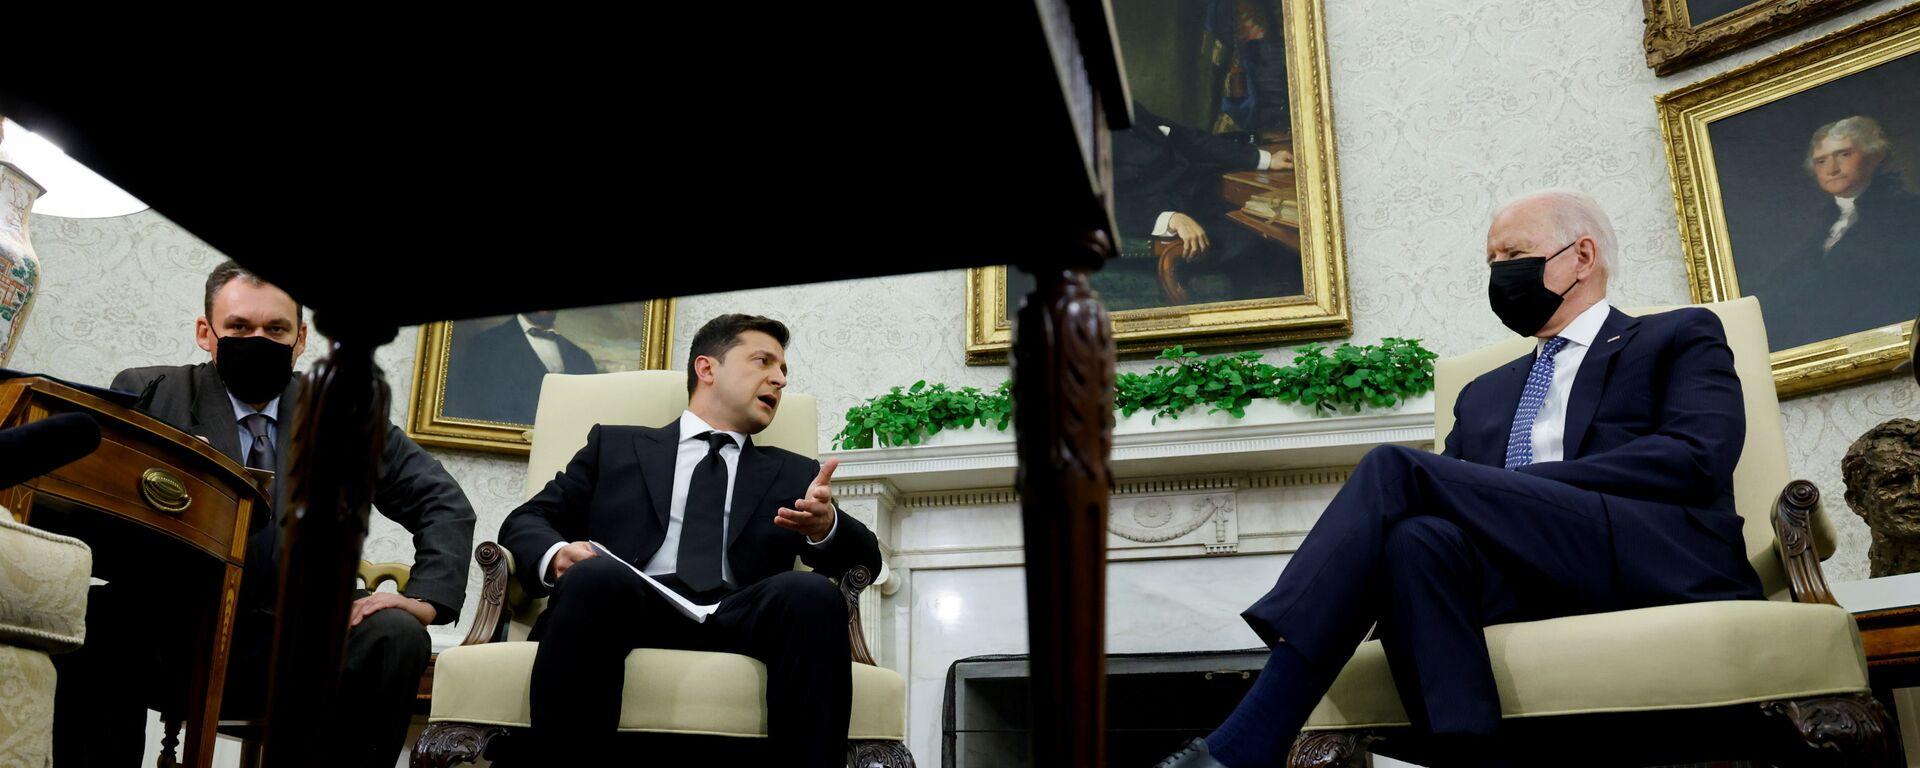 Ukrajinský prezident Volodymyr Zelenskyj s prezidentem USA Joem Bidenem - Sputnik Česká republika, 1920, 02.09.2021